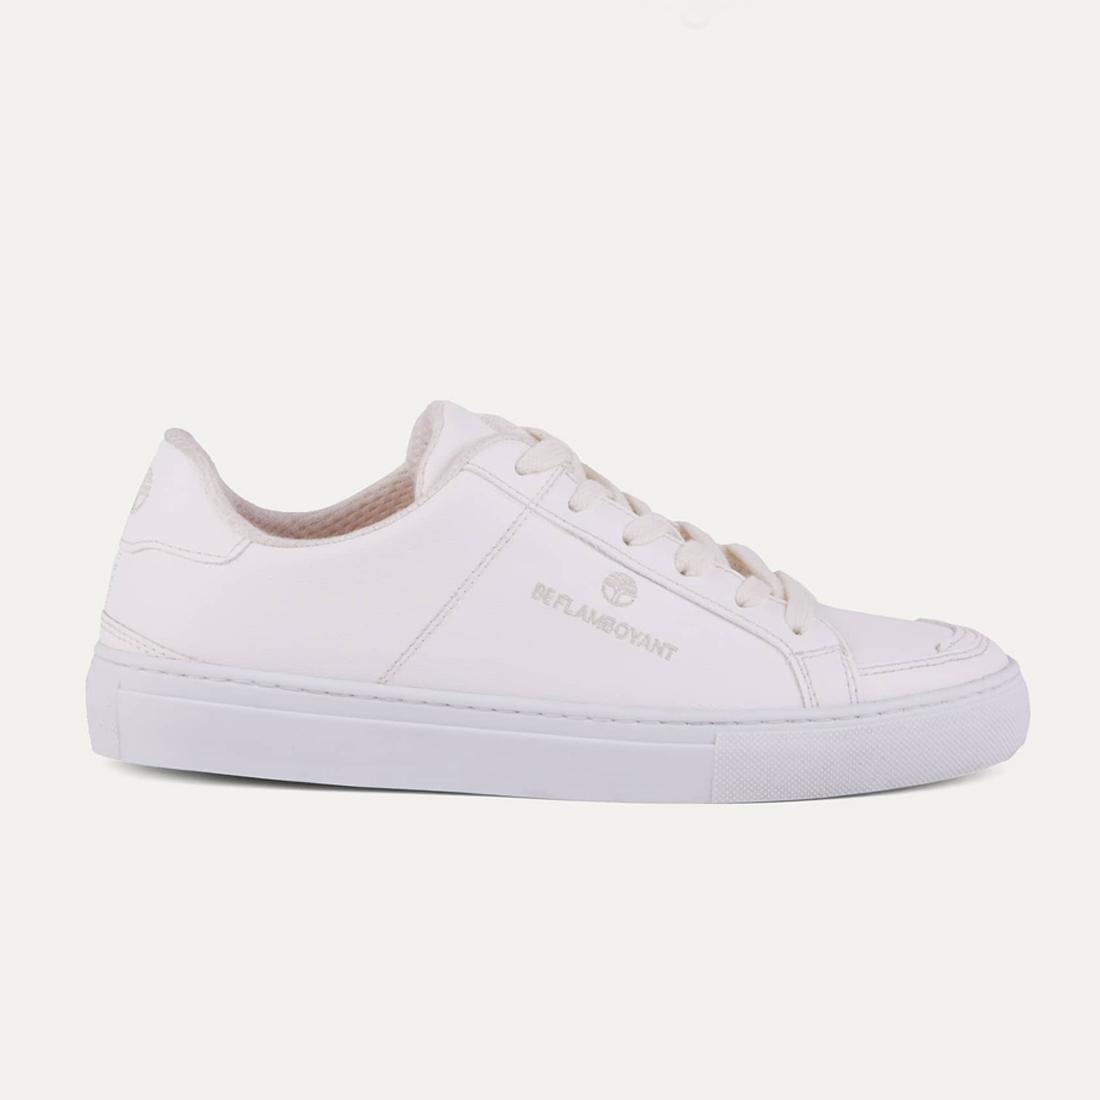 Manimal White Vegan Shoes